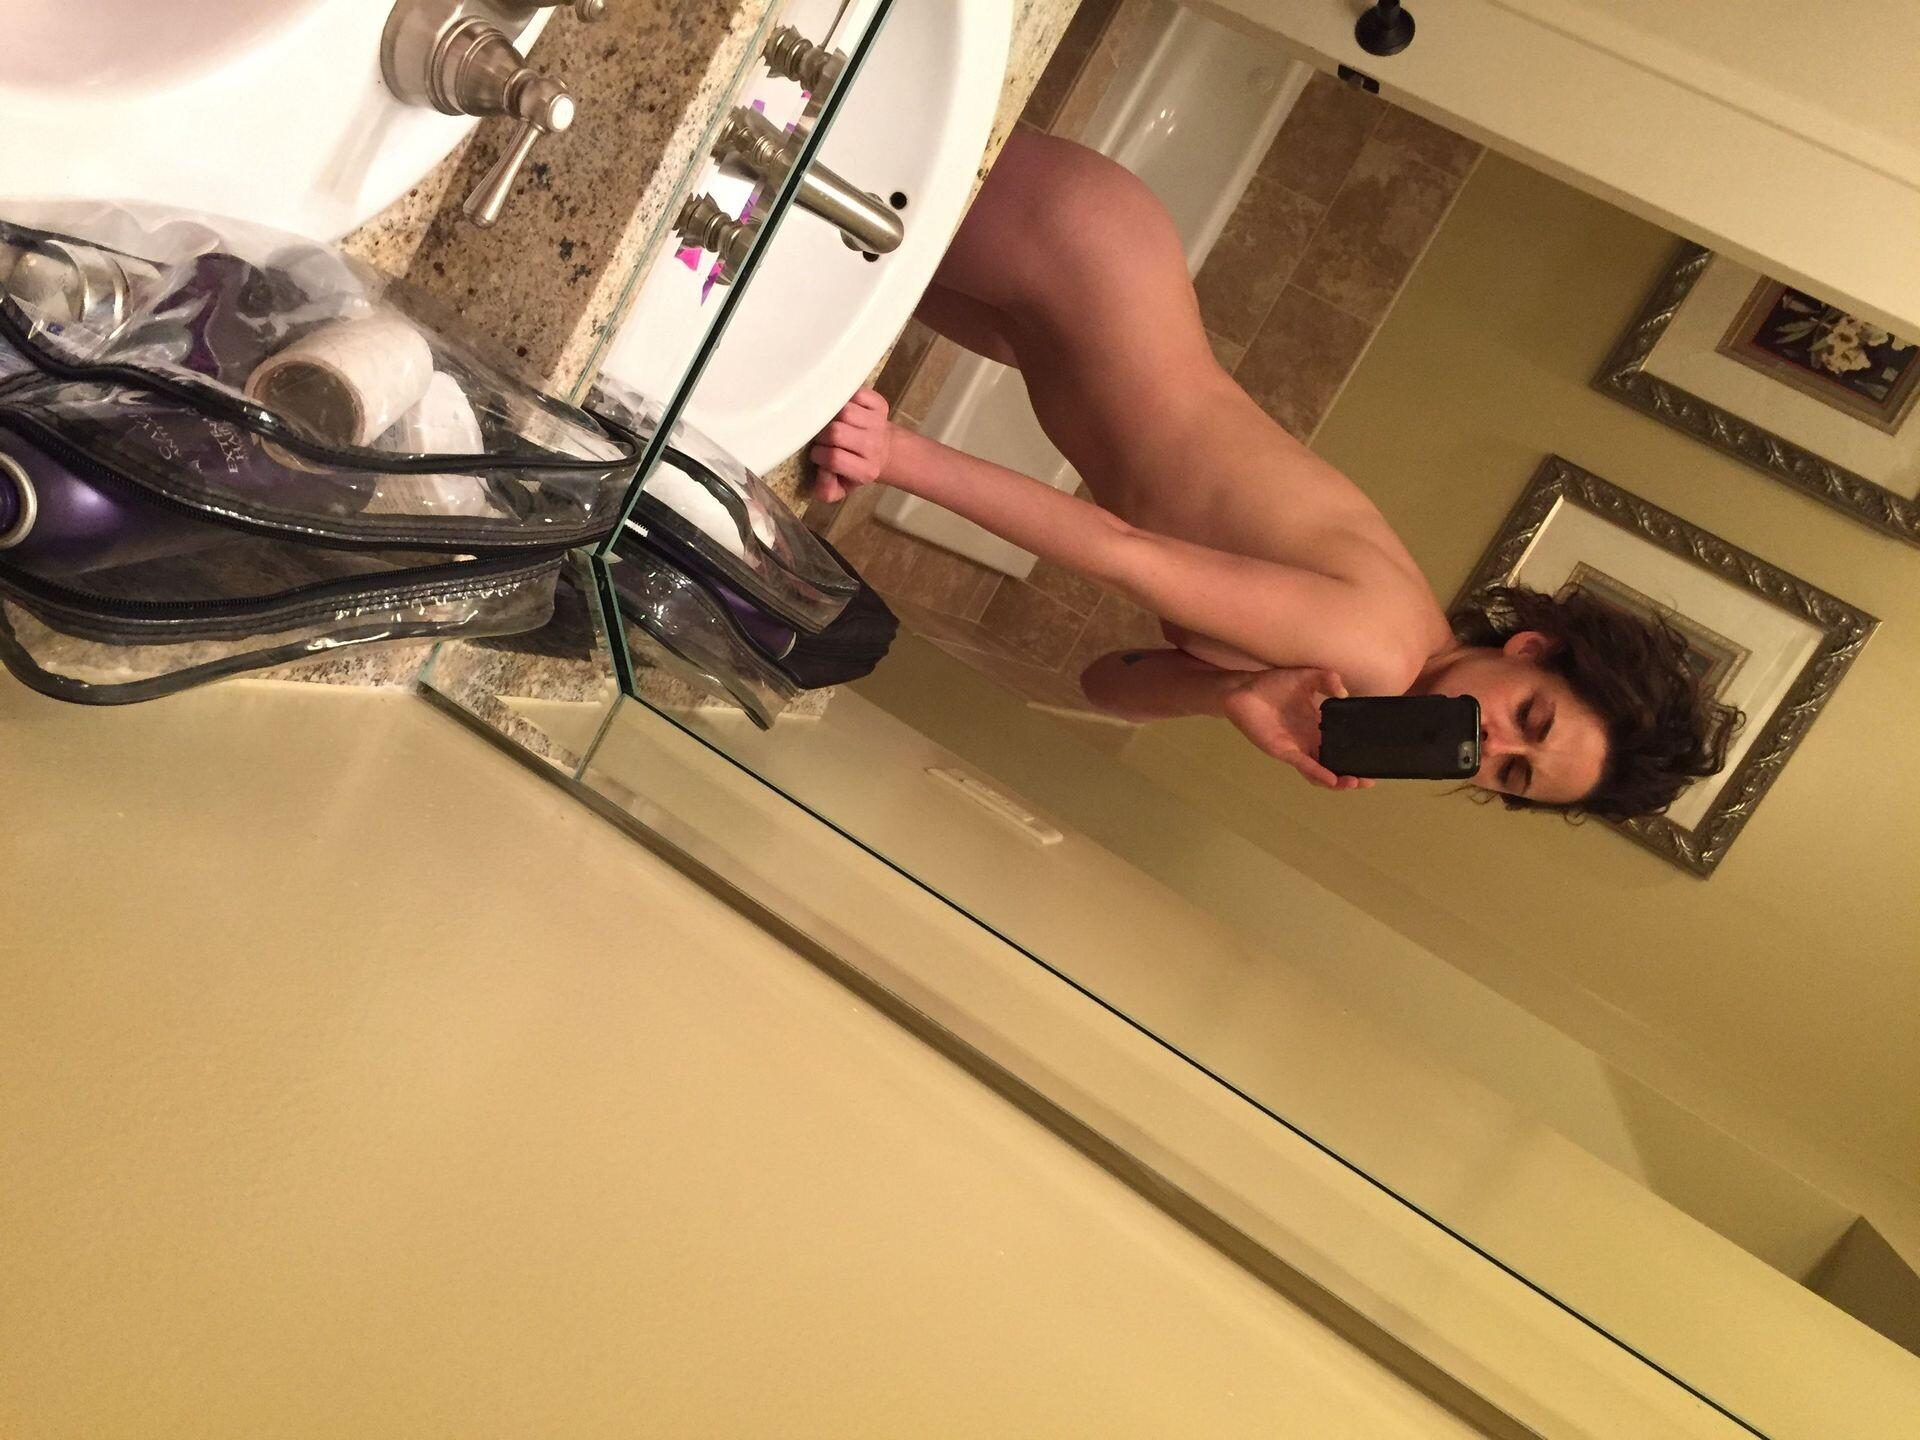 Kristen Stewart Nude Leaked 45 fappenings.com